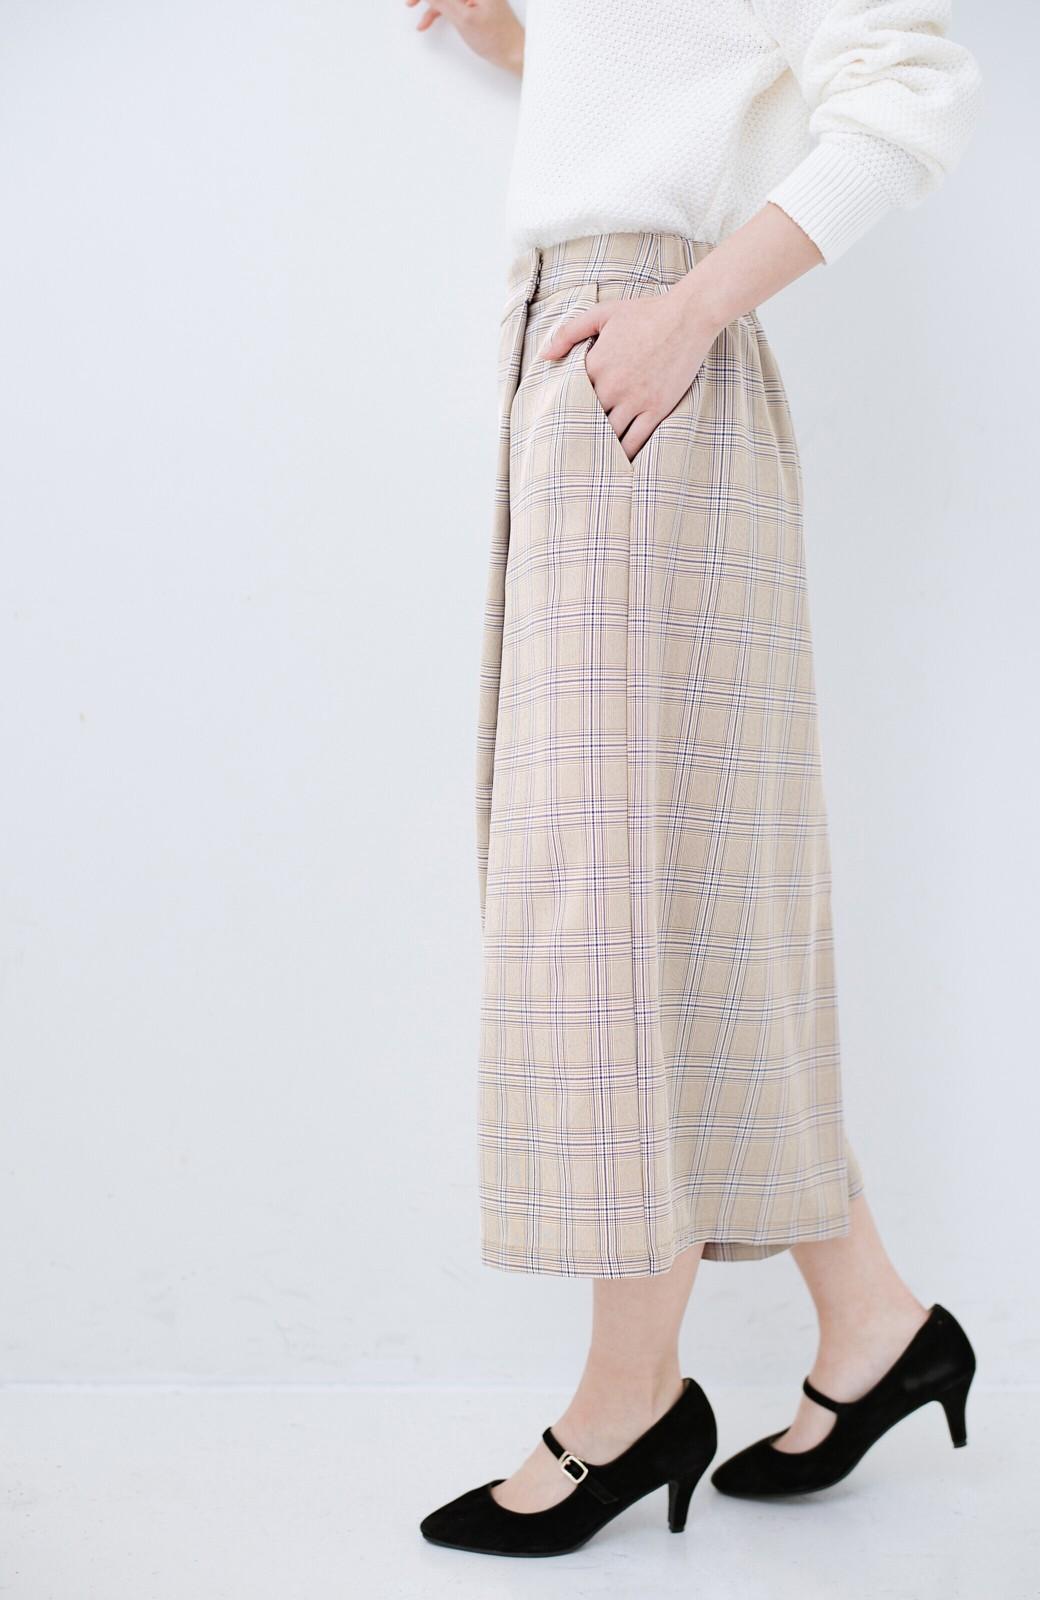 haco! 動きやすいのにちゃんと女子見え スカートみたいな華やかチェックパンツ <ブラウン系その他>の商品写真5